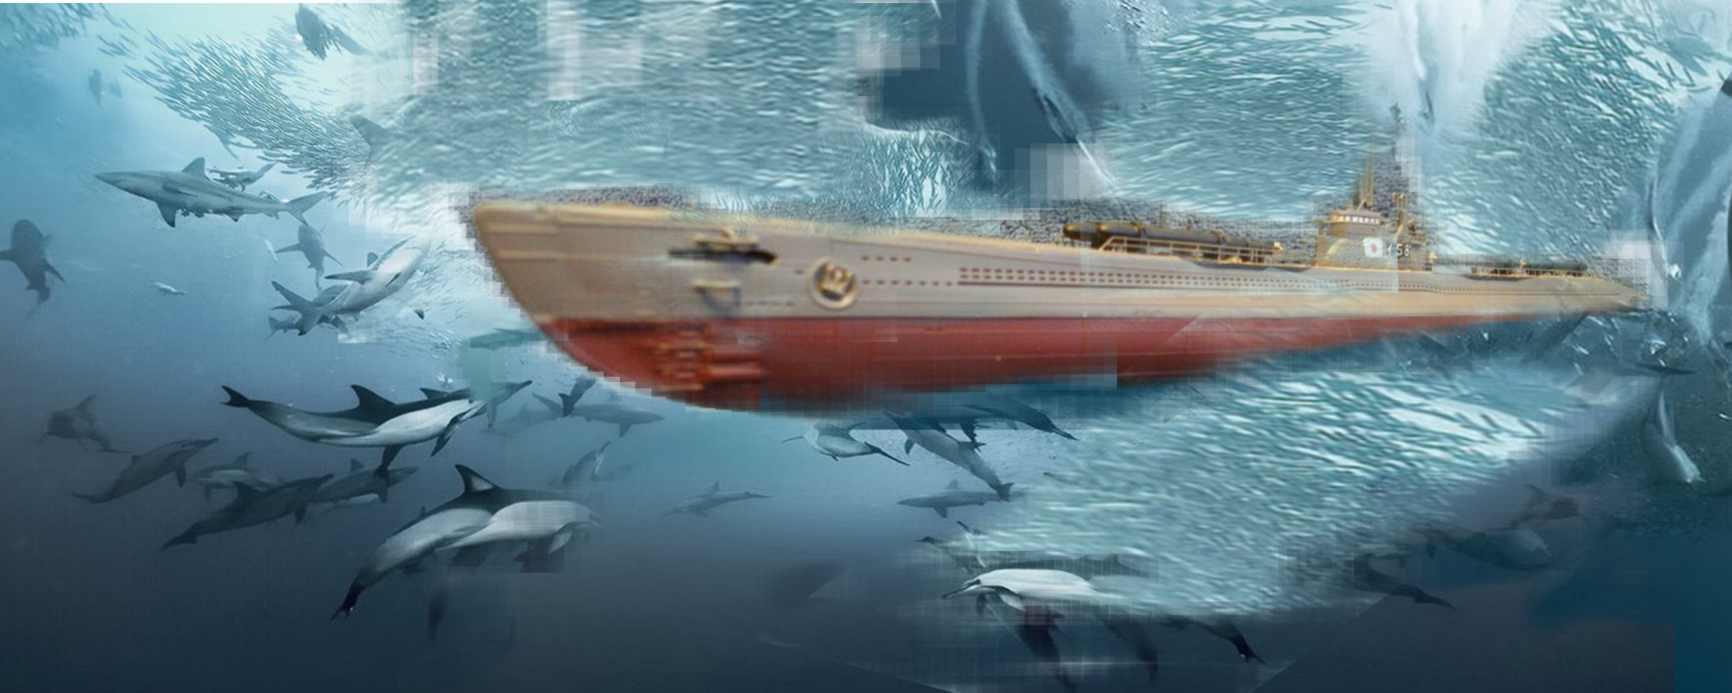 Рассказ как капитан подводной лодки утопил американский крейсер